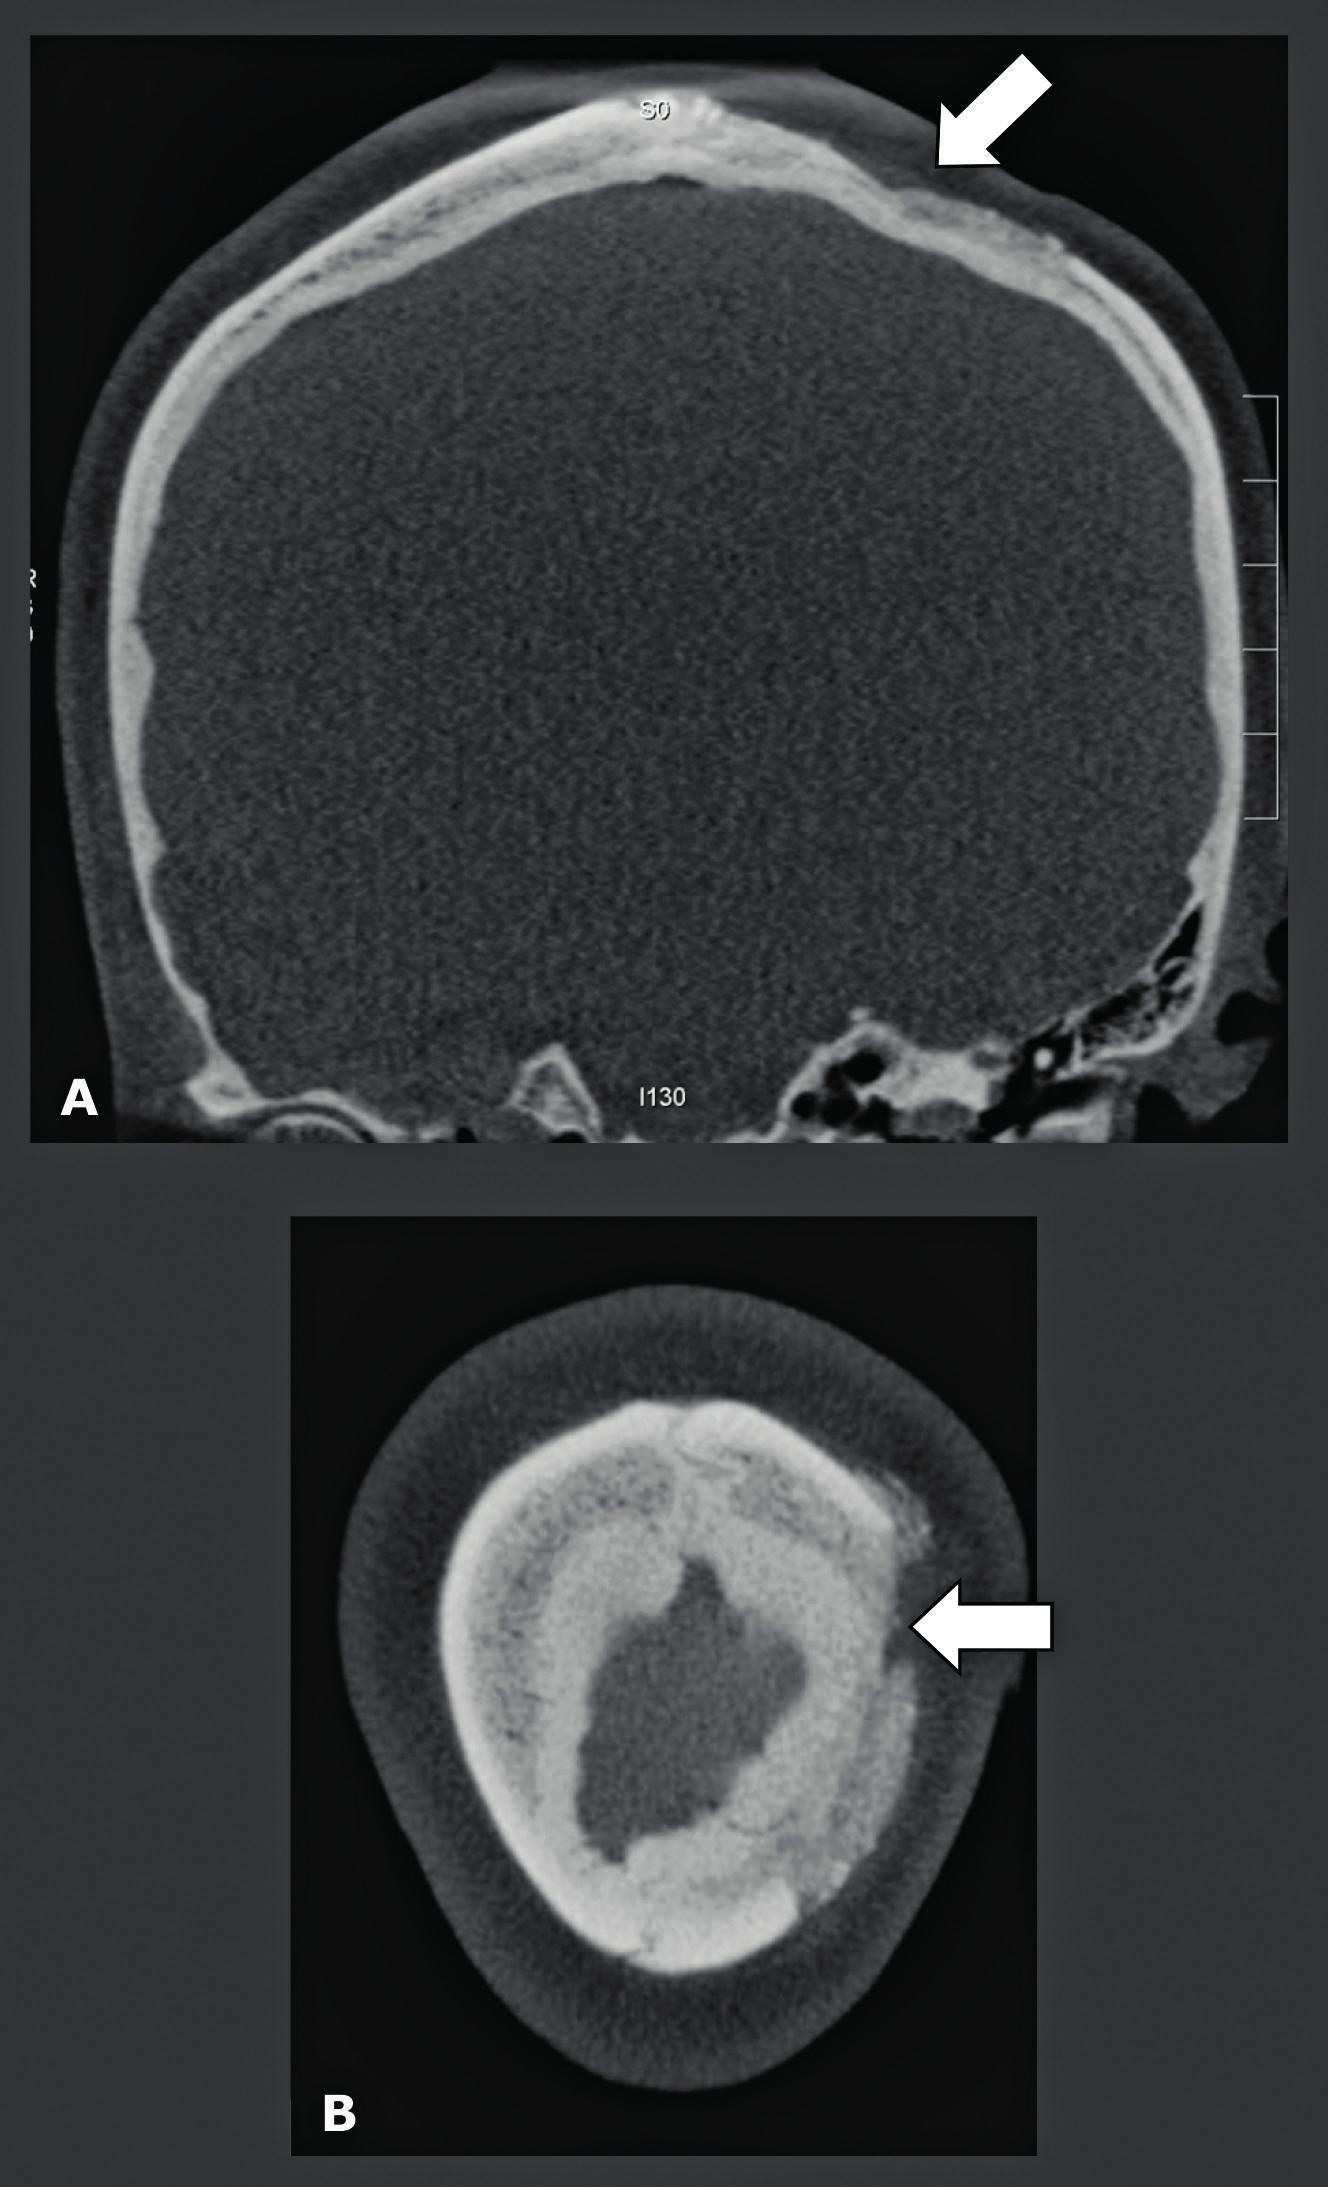 Protokol CBCT u preprotetického snímkování pro kraniální kostní štěp u atrofické maxily. Simultánní CBCT snímkování recipientní lokality maxilárních dutin a odběrového místa na lebce.